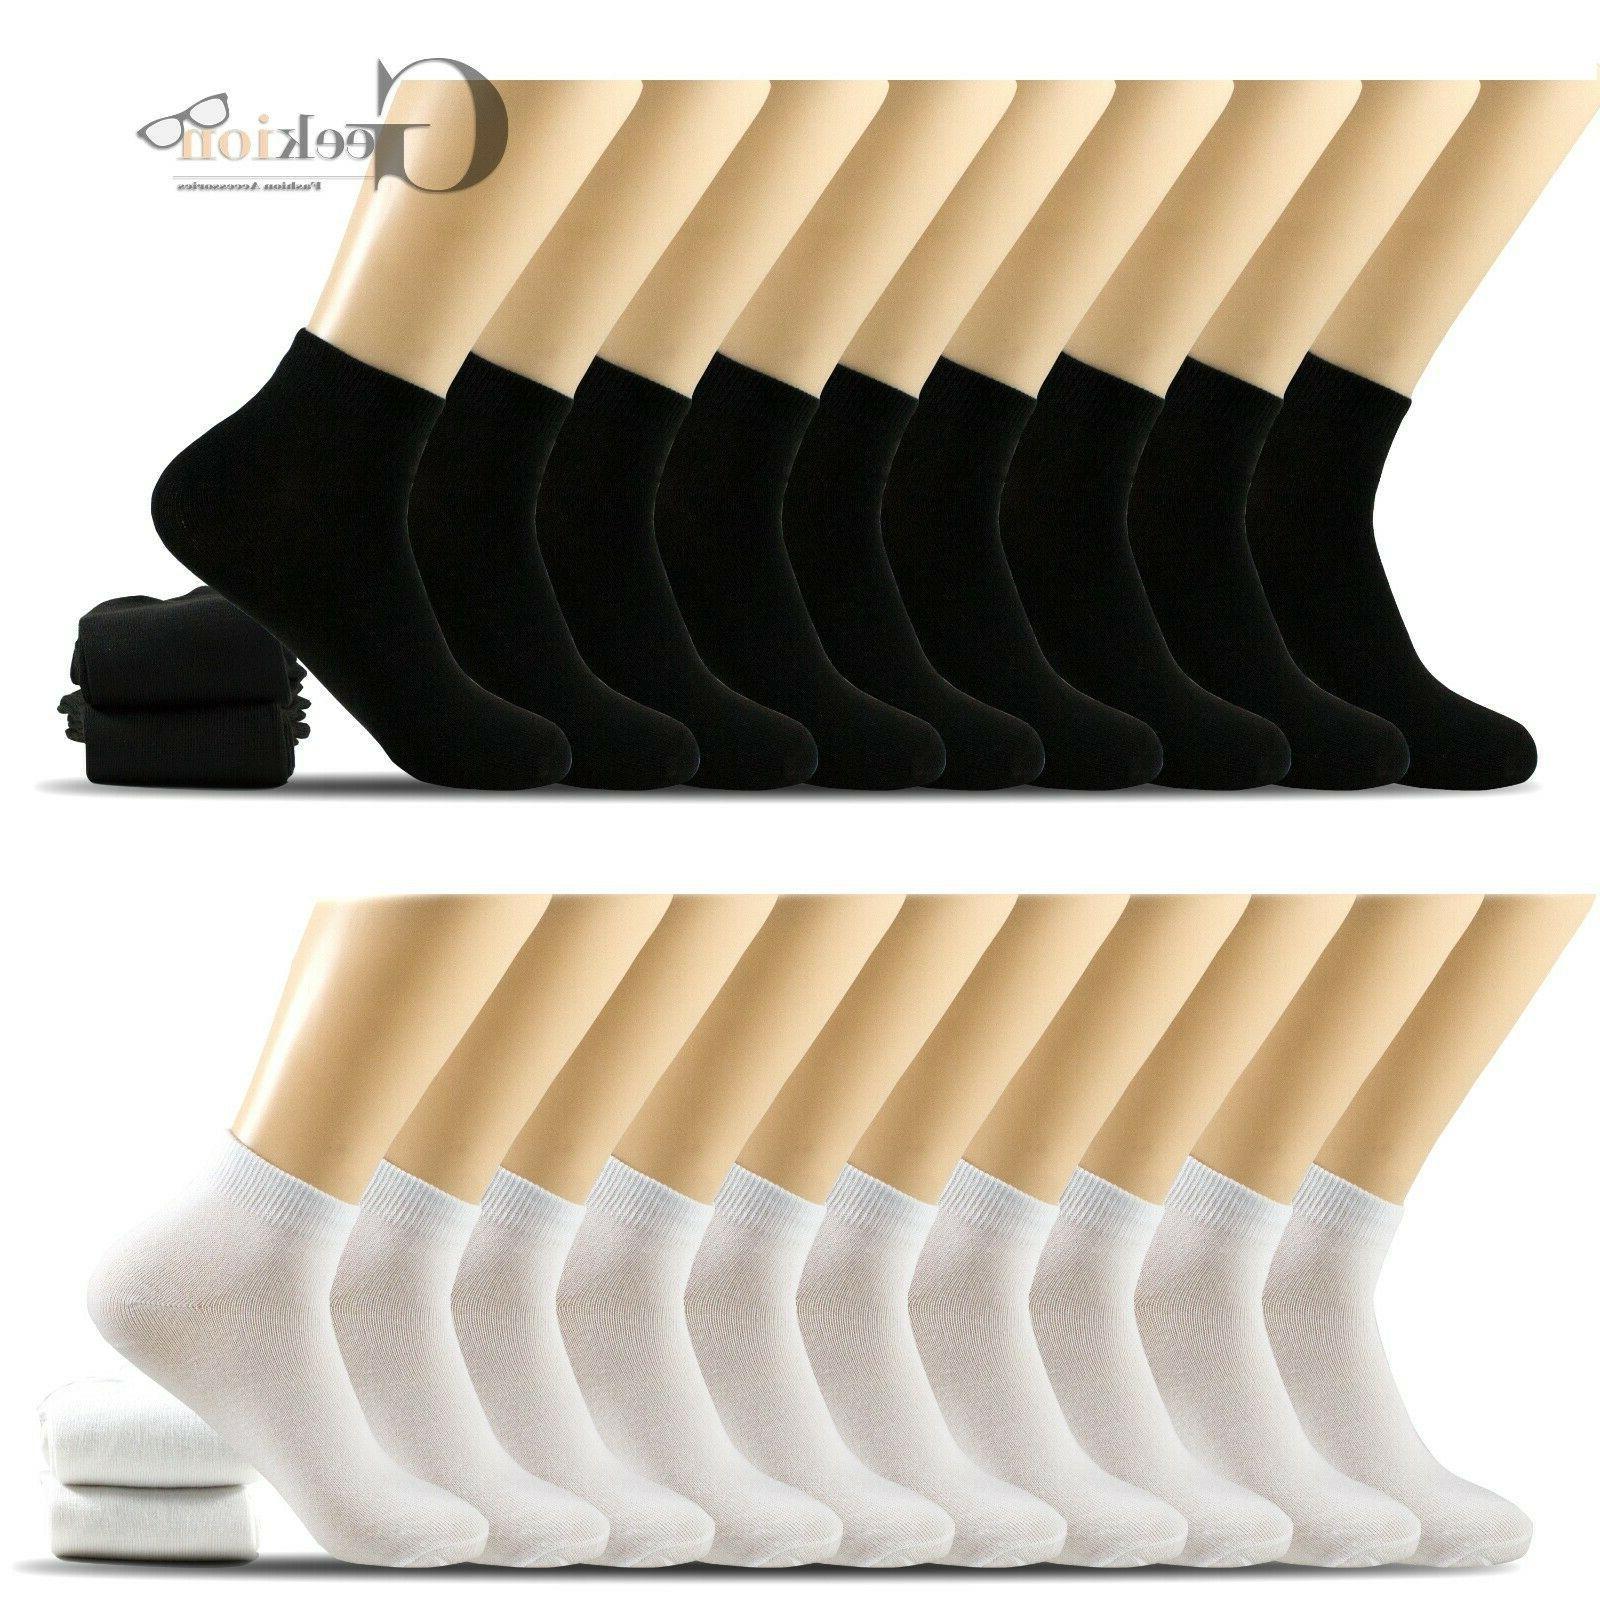 6 12 pairs mens women black white